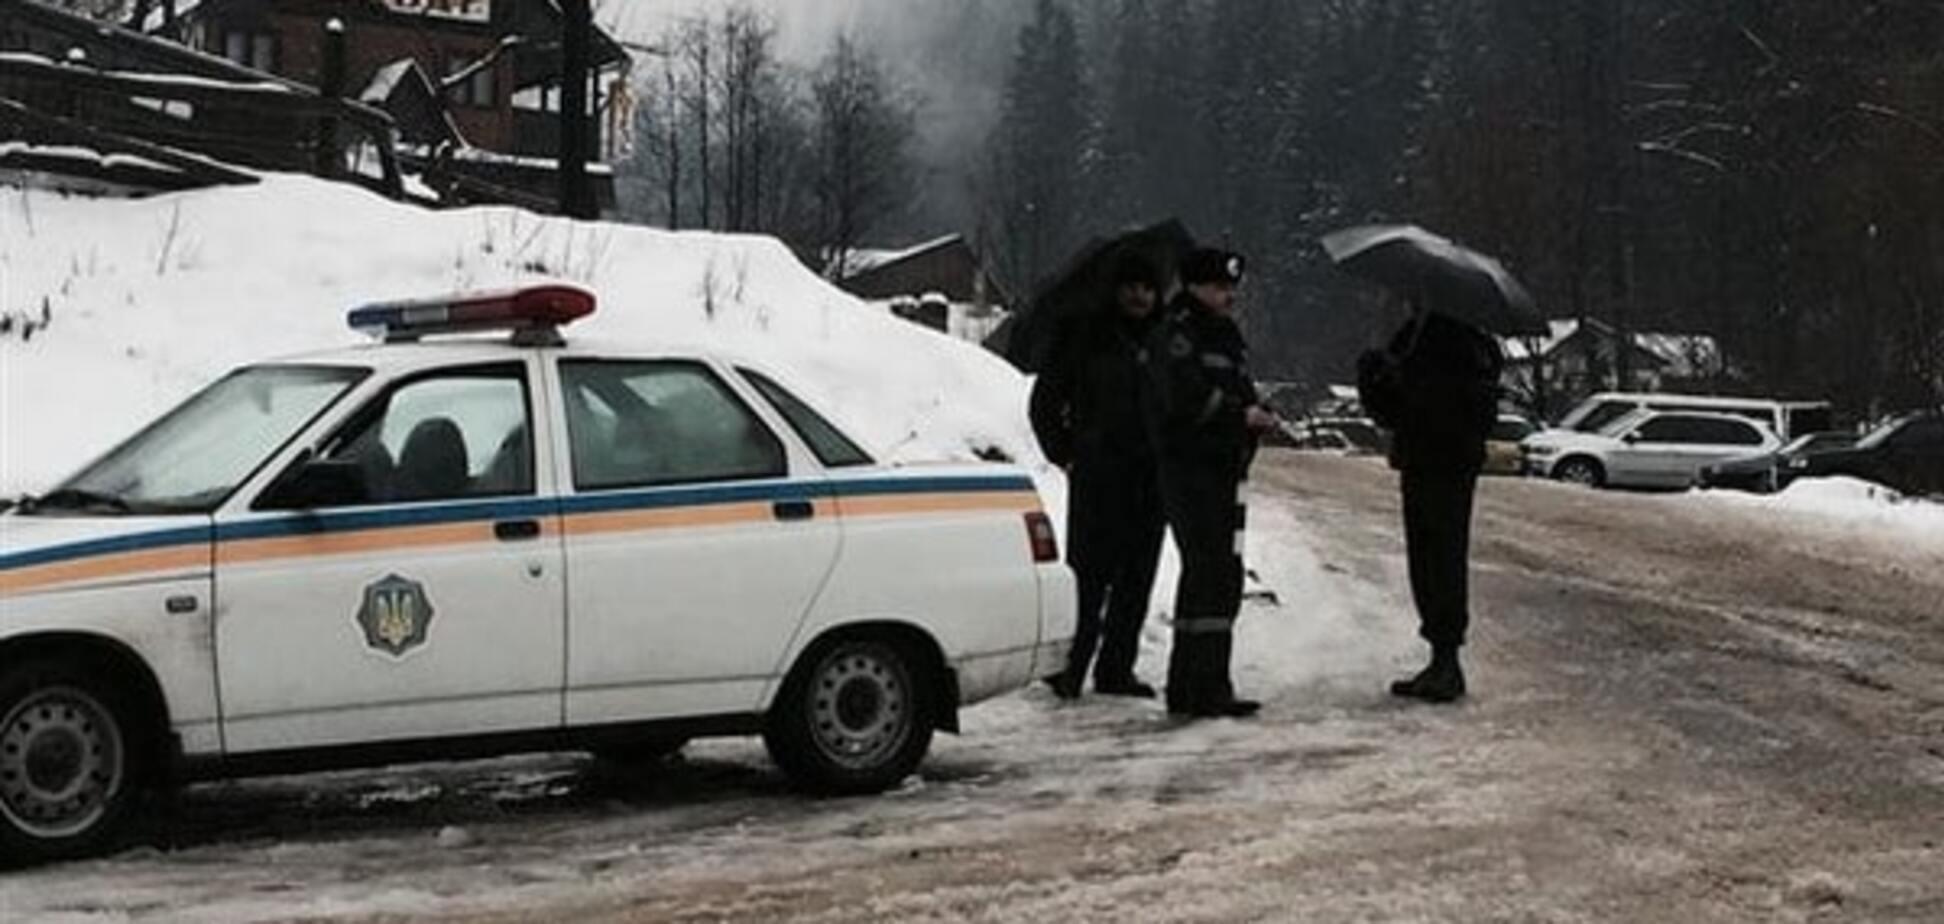 Бійка на Драгобраті: третього підозрюваного заарештували на два місяці